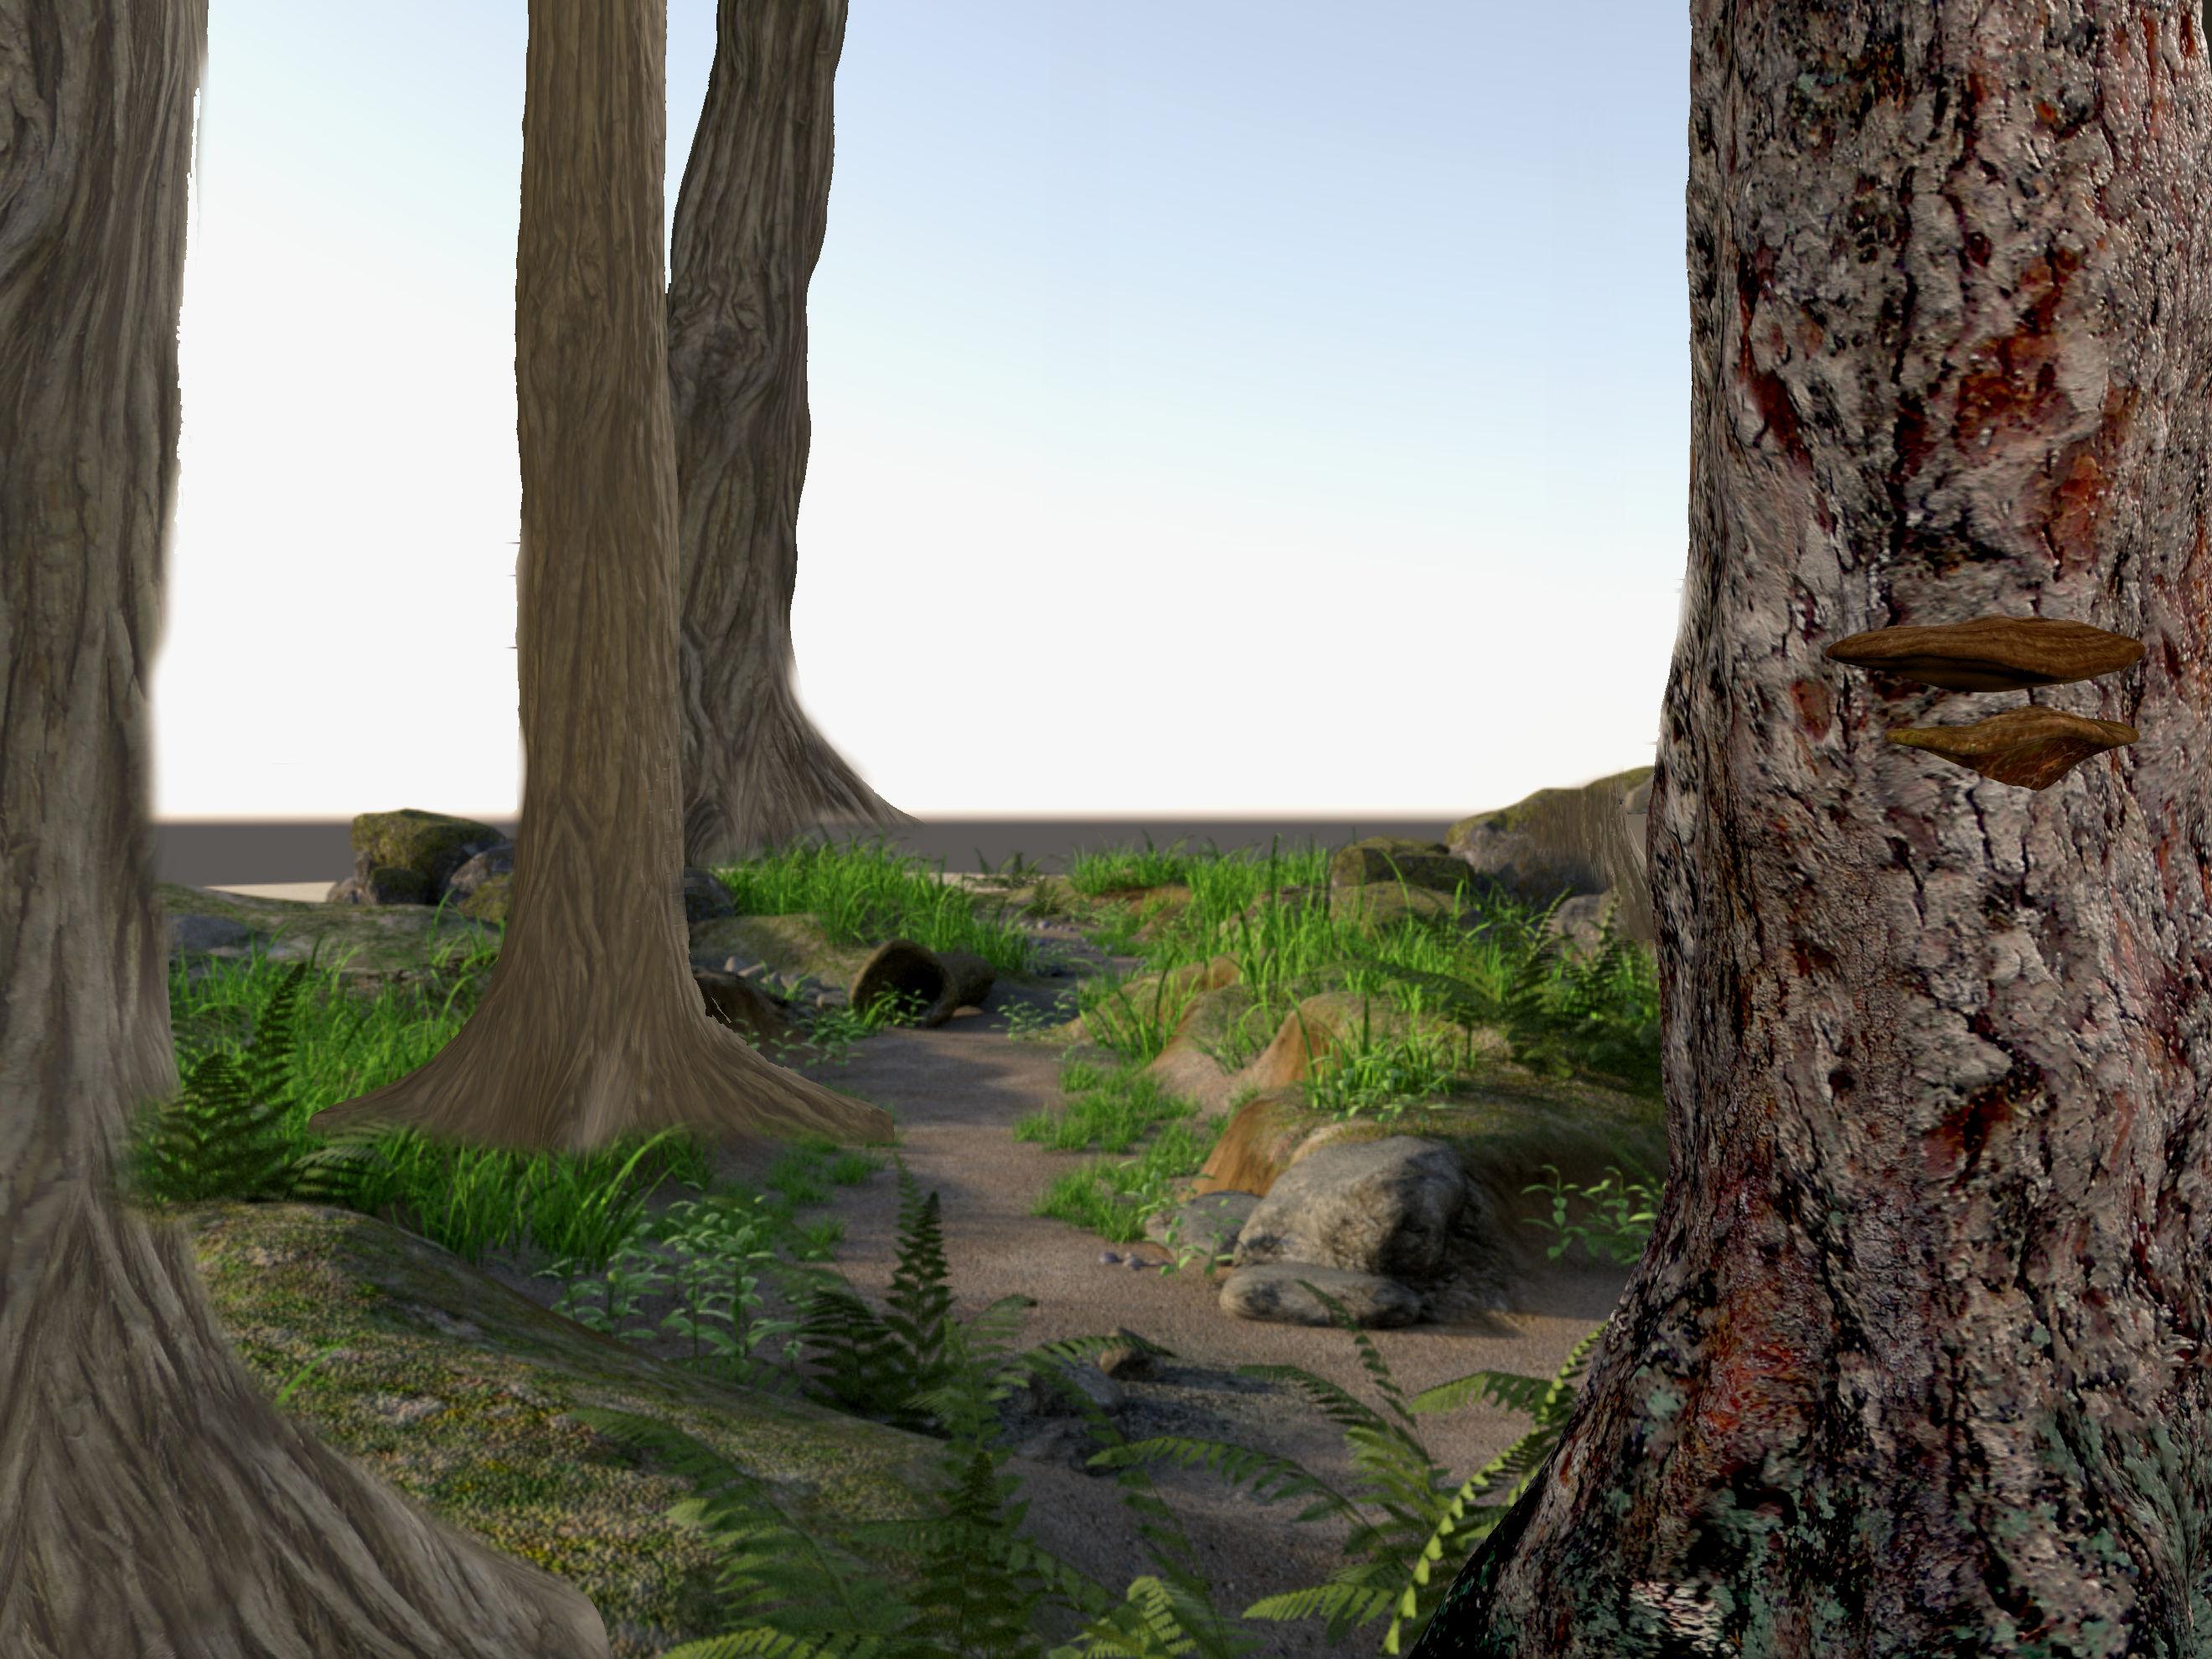 Forest Illustration, 3drender, Forest, Graphic, Landscape, HQ Photo